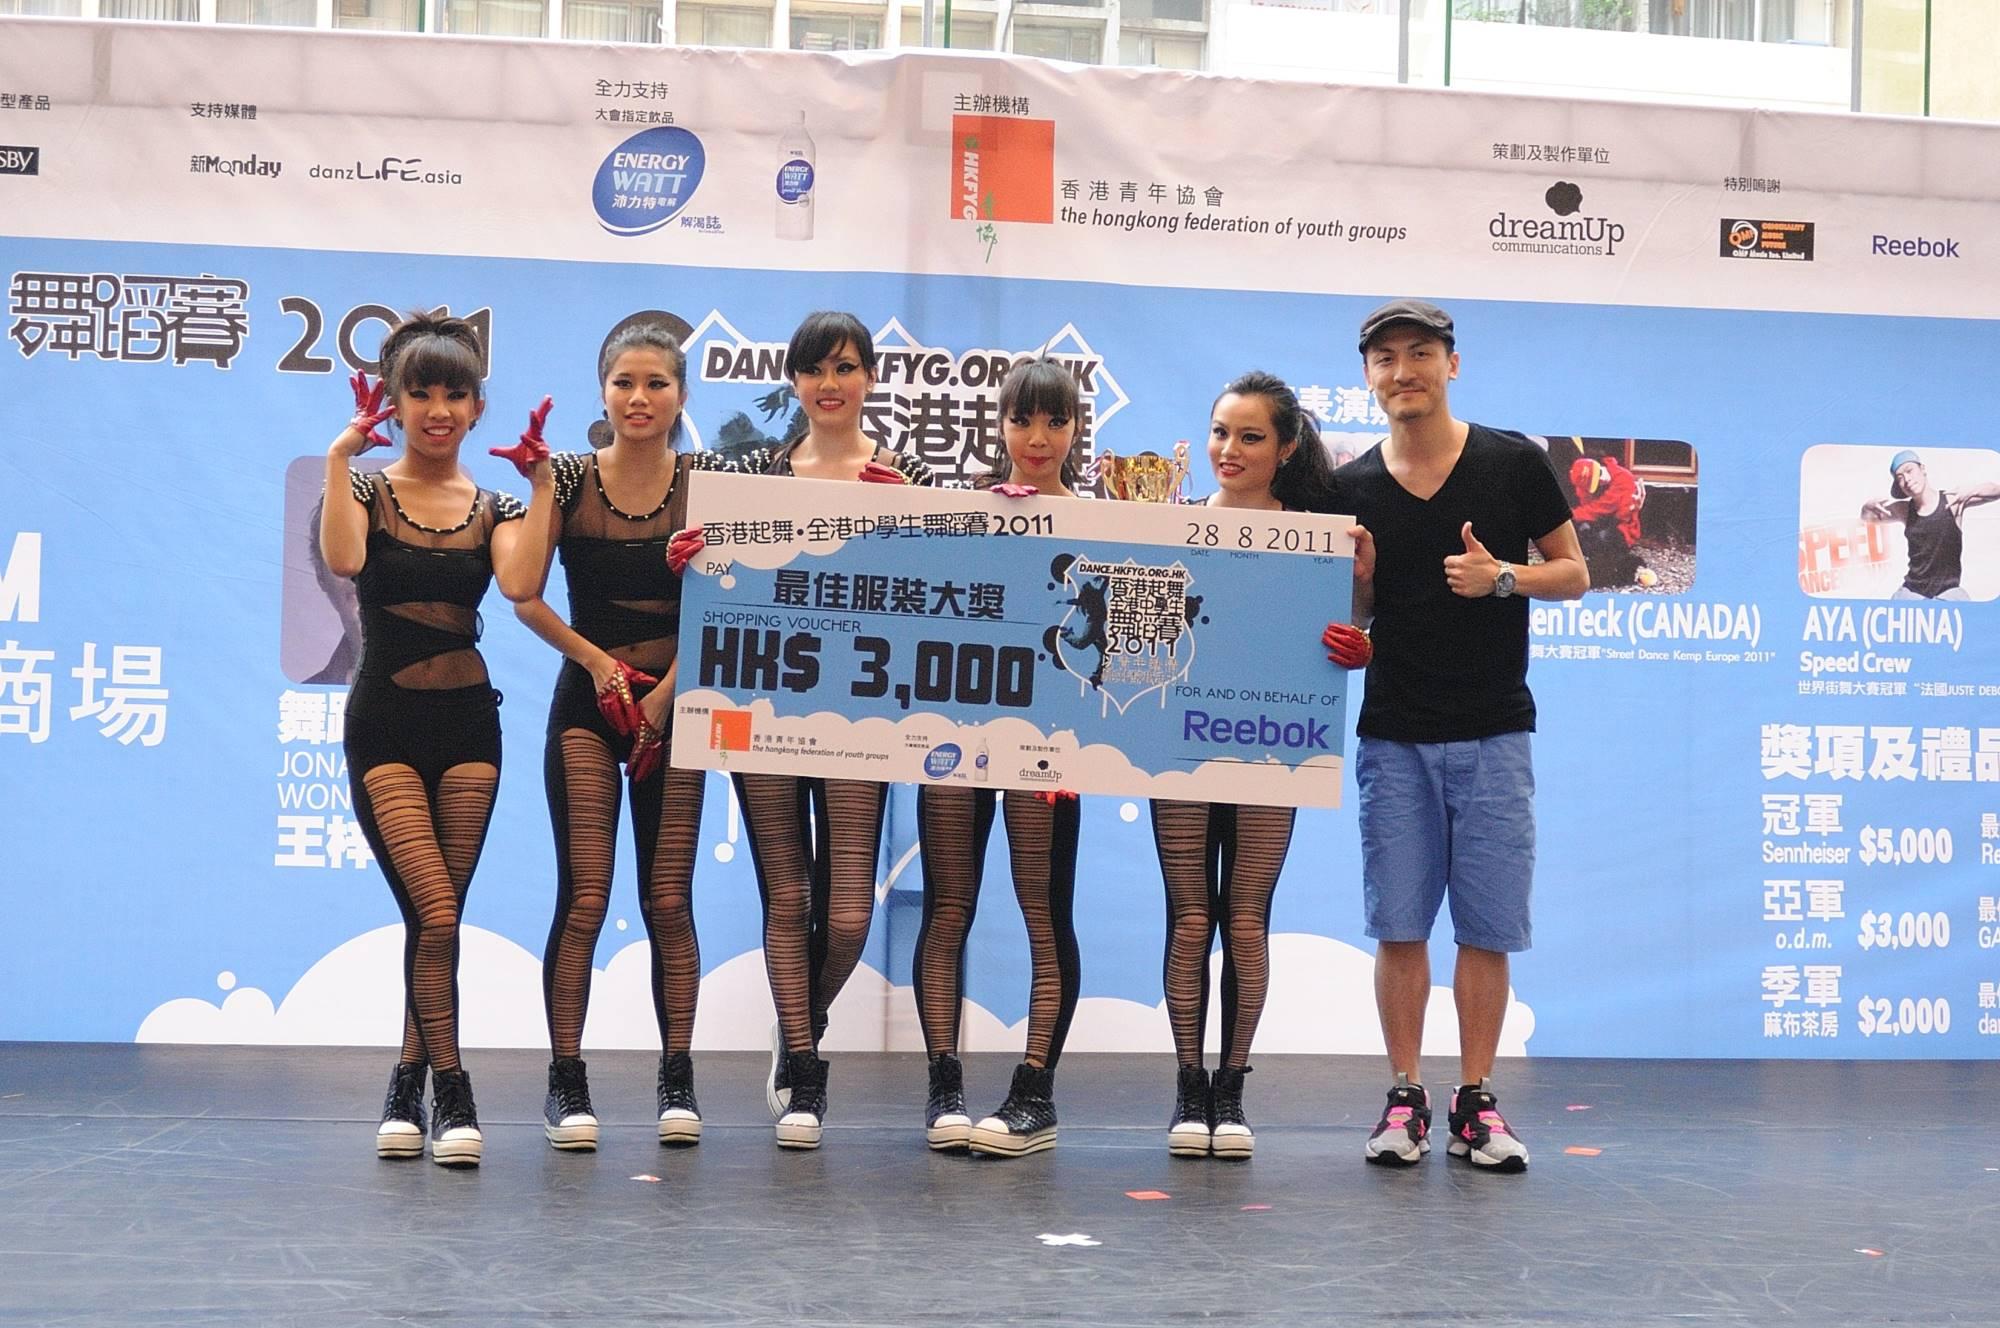 全港中學生舞蹈賽2011得獎隊伍 (5)